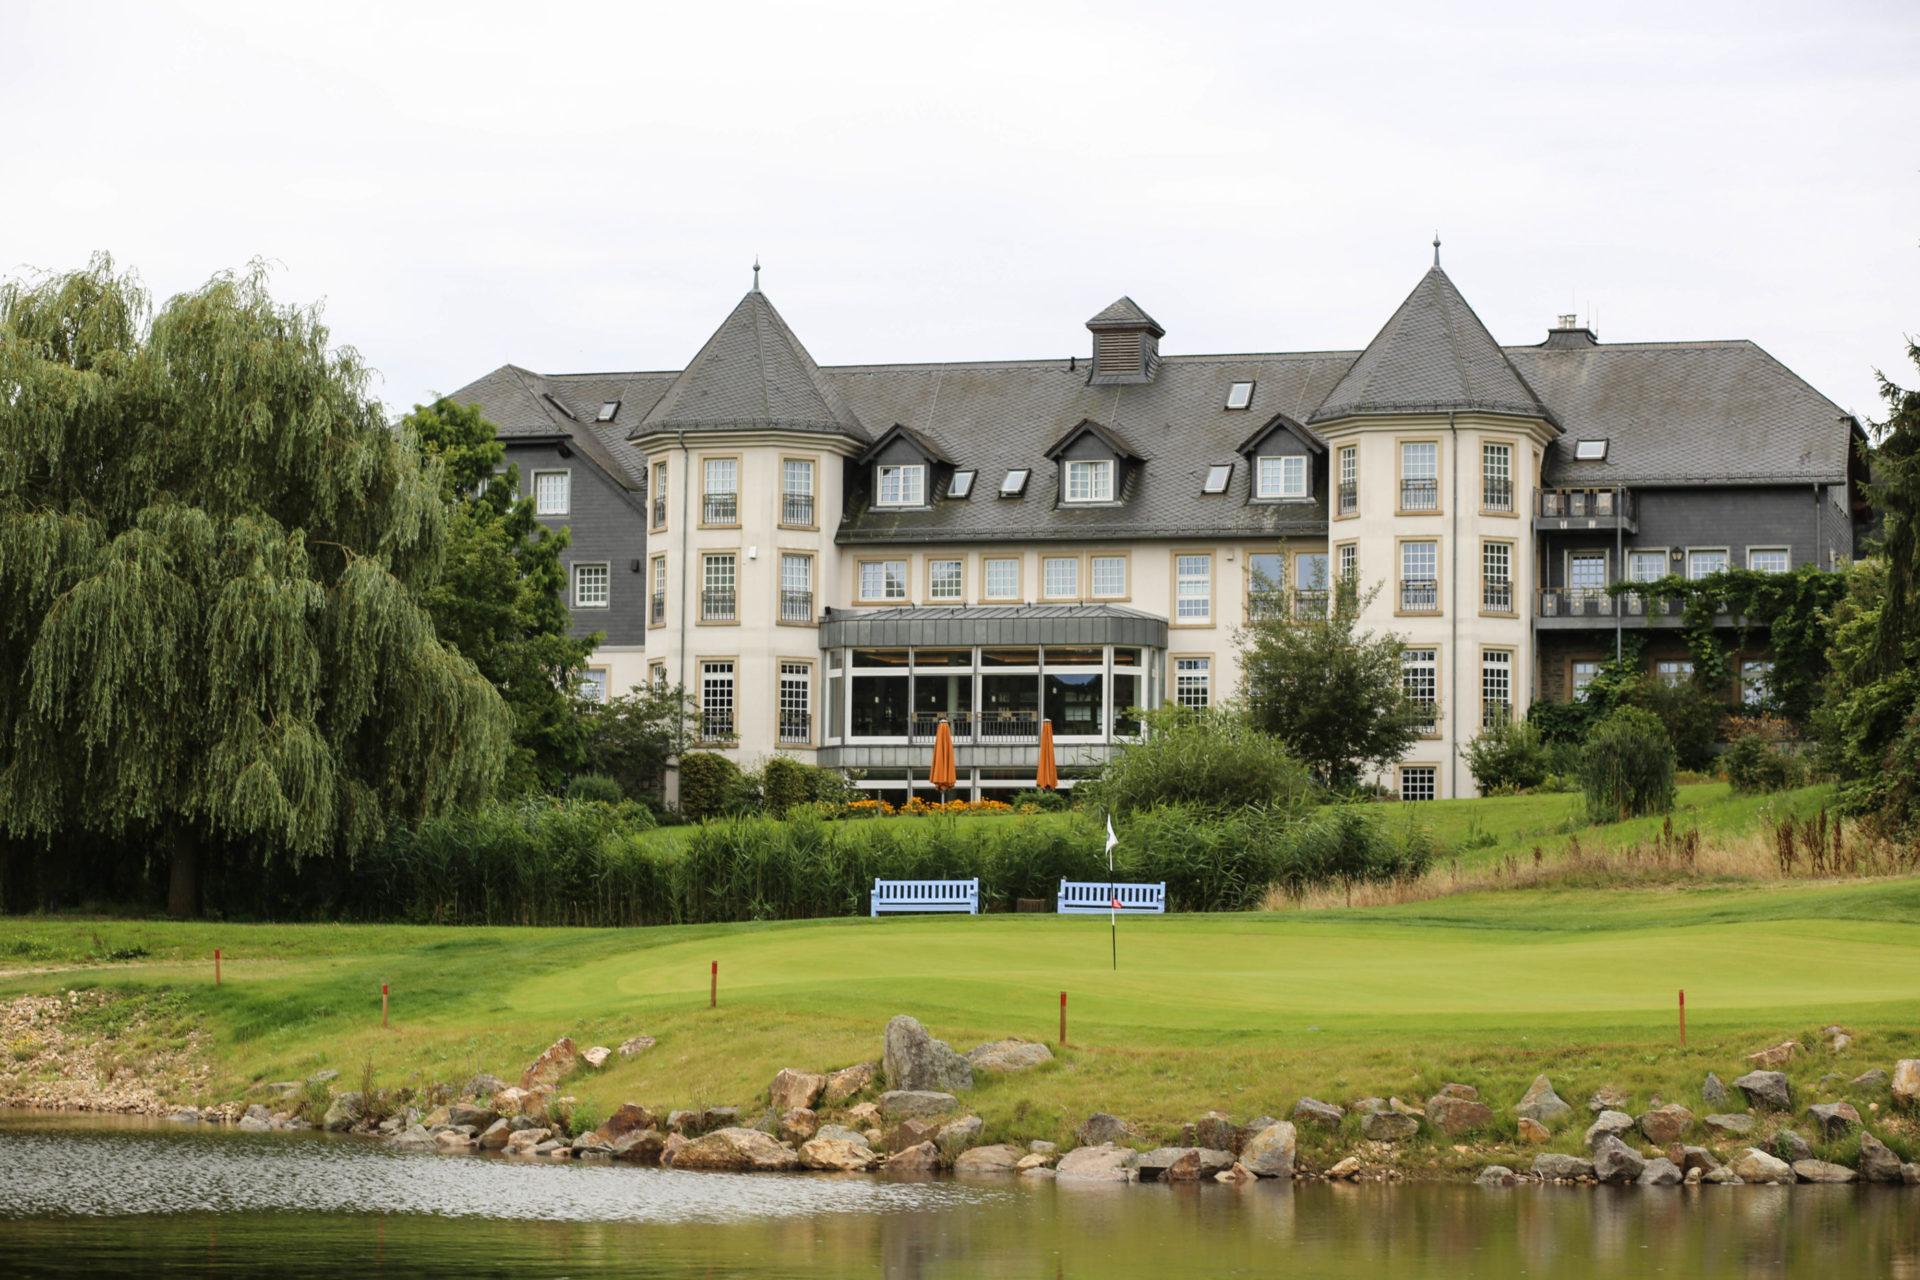 Hotel Hofgut Georgenthal Golf Restaurant Spa Auszeit Taunus Wiesbaden Kurzurlaub Limes Museum Tagung Hochzeit Golf Golfplatz Golfkurs Runde Loch Bahn Bunker Grün Hotel Hofgut Georgenthal